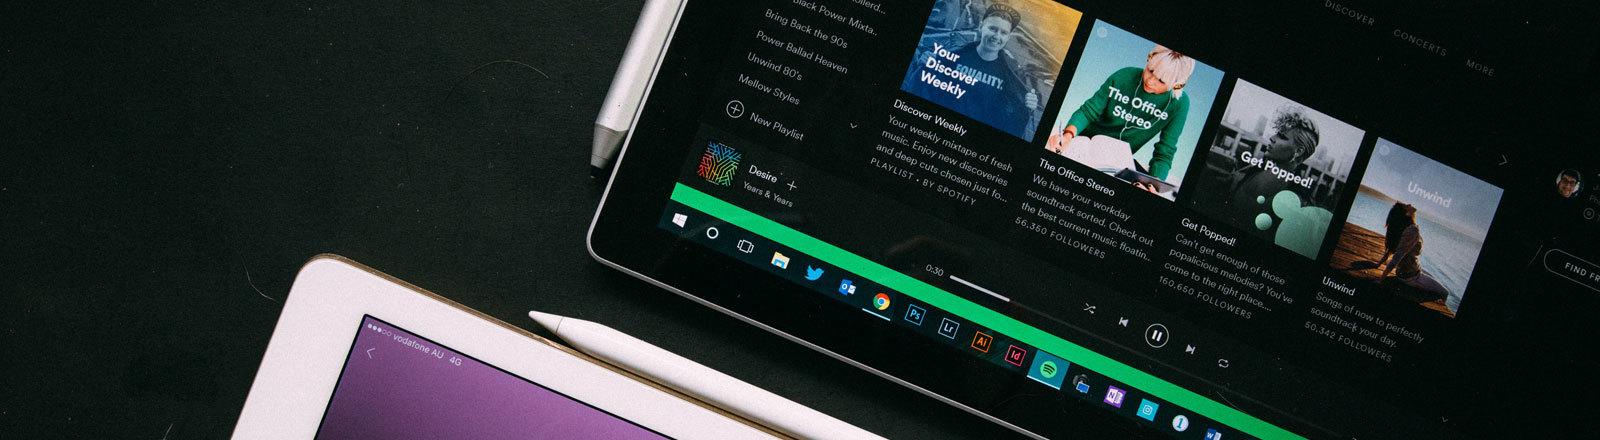 Ein Tablet, auf dem Spotify läuft